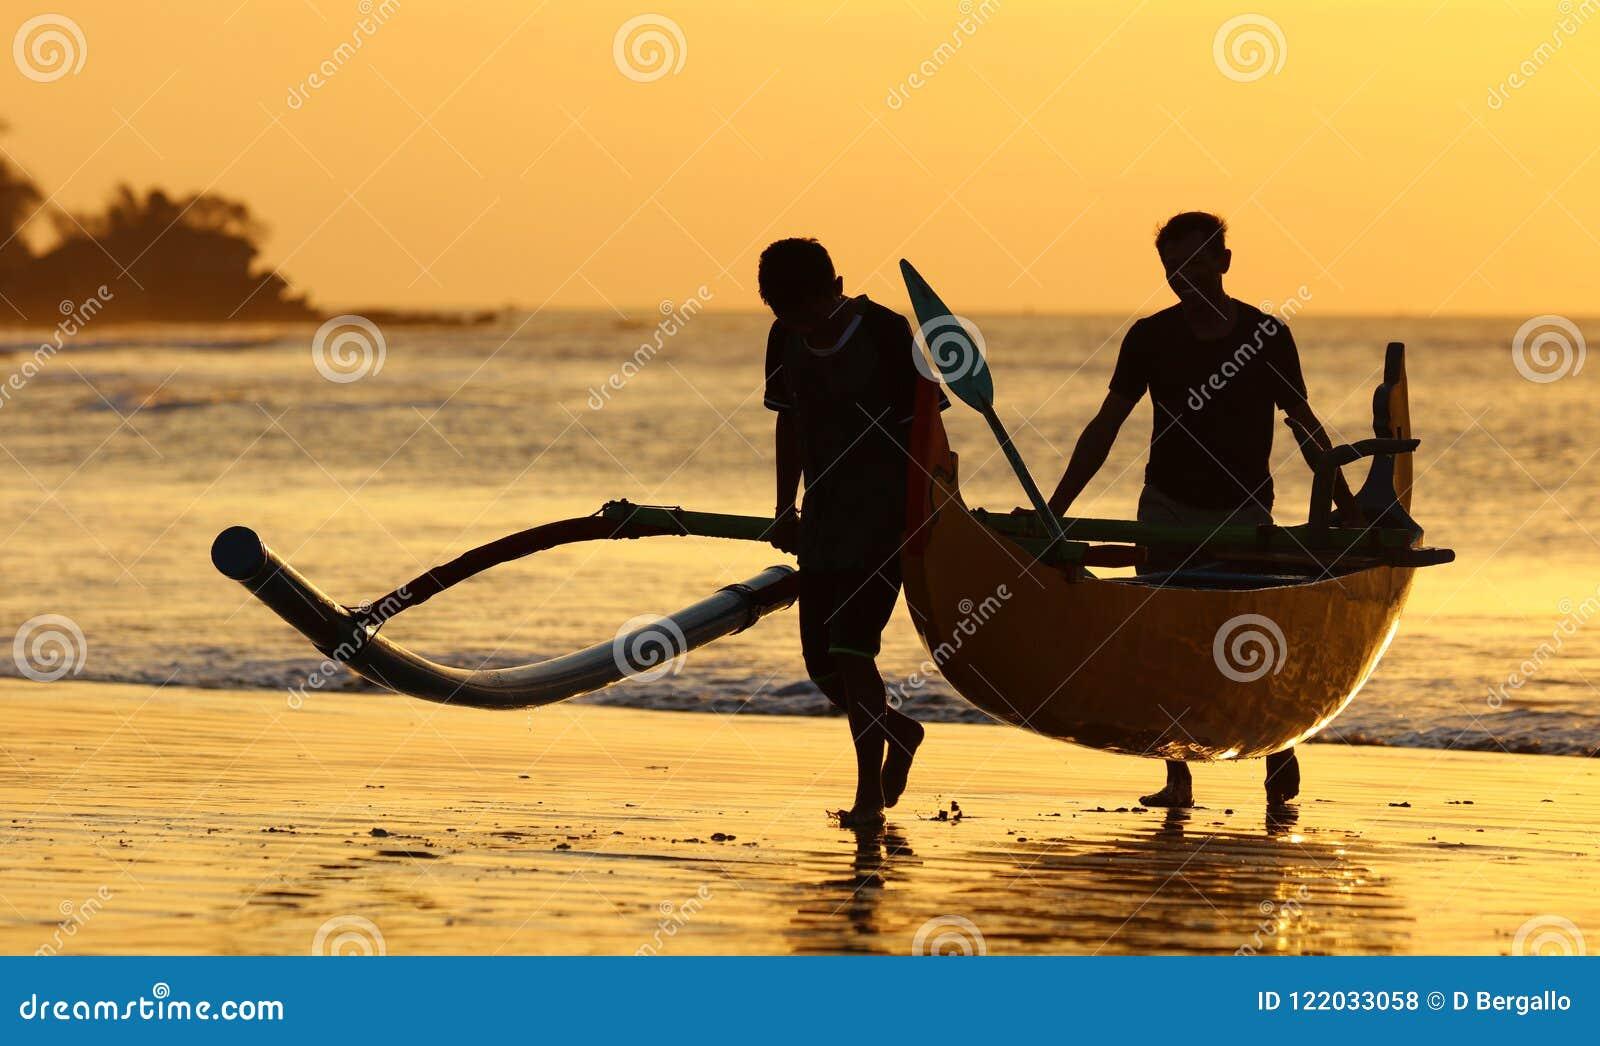 Barco del pescador con dos pescadores en Bali, Indonesia durante puesta del sol en la playa